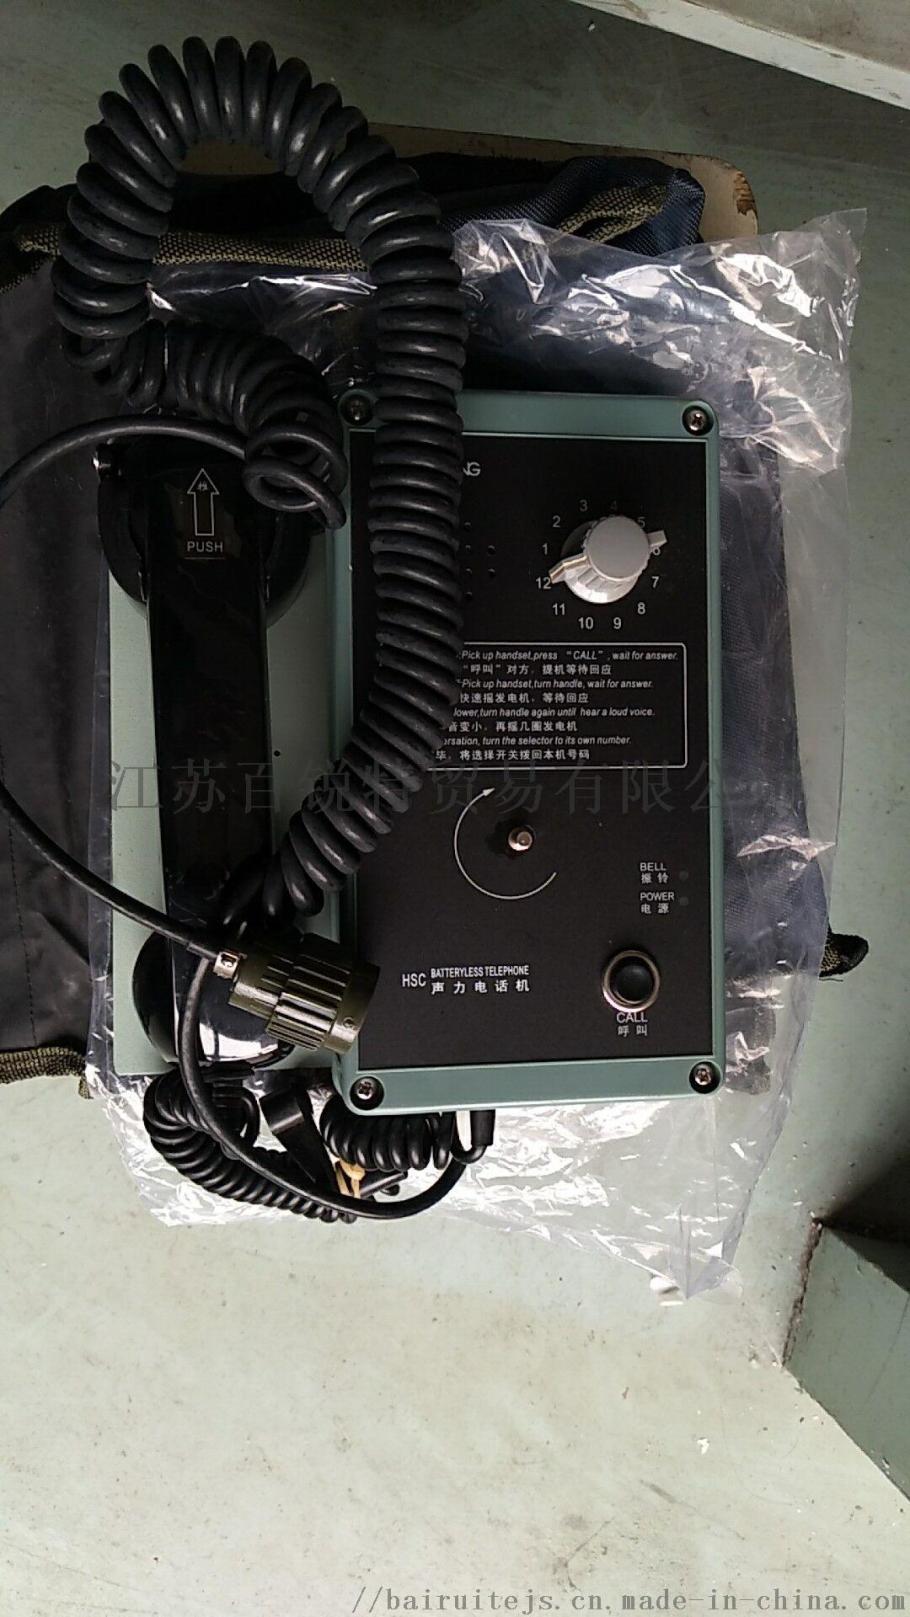 HSC-12X便携式选通声力电话.jpg